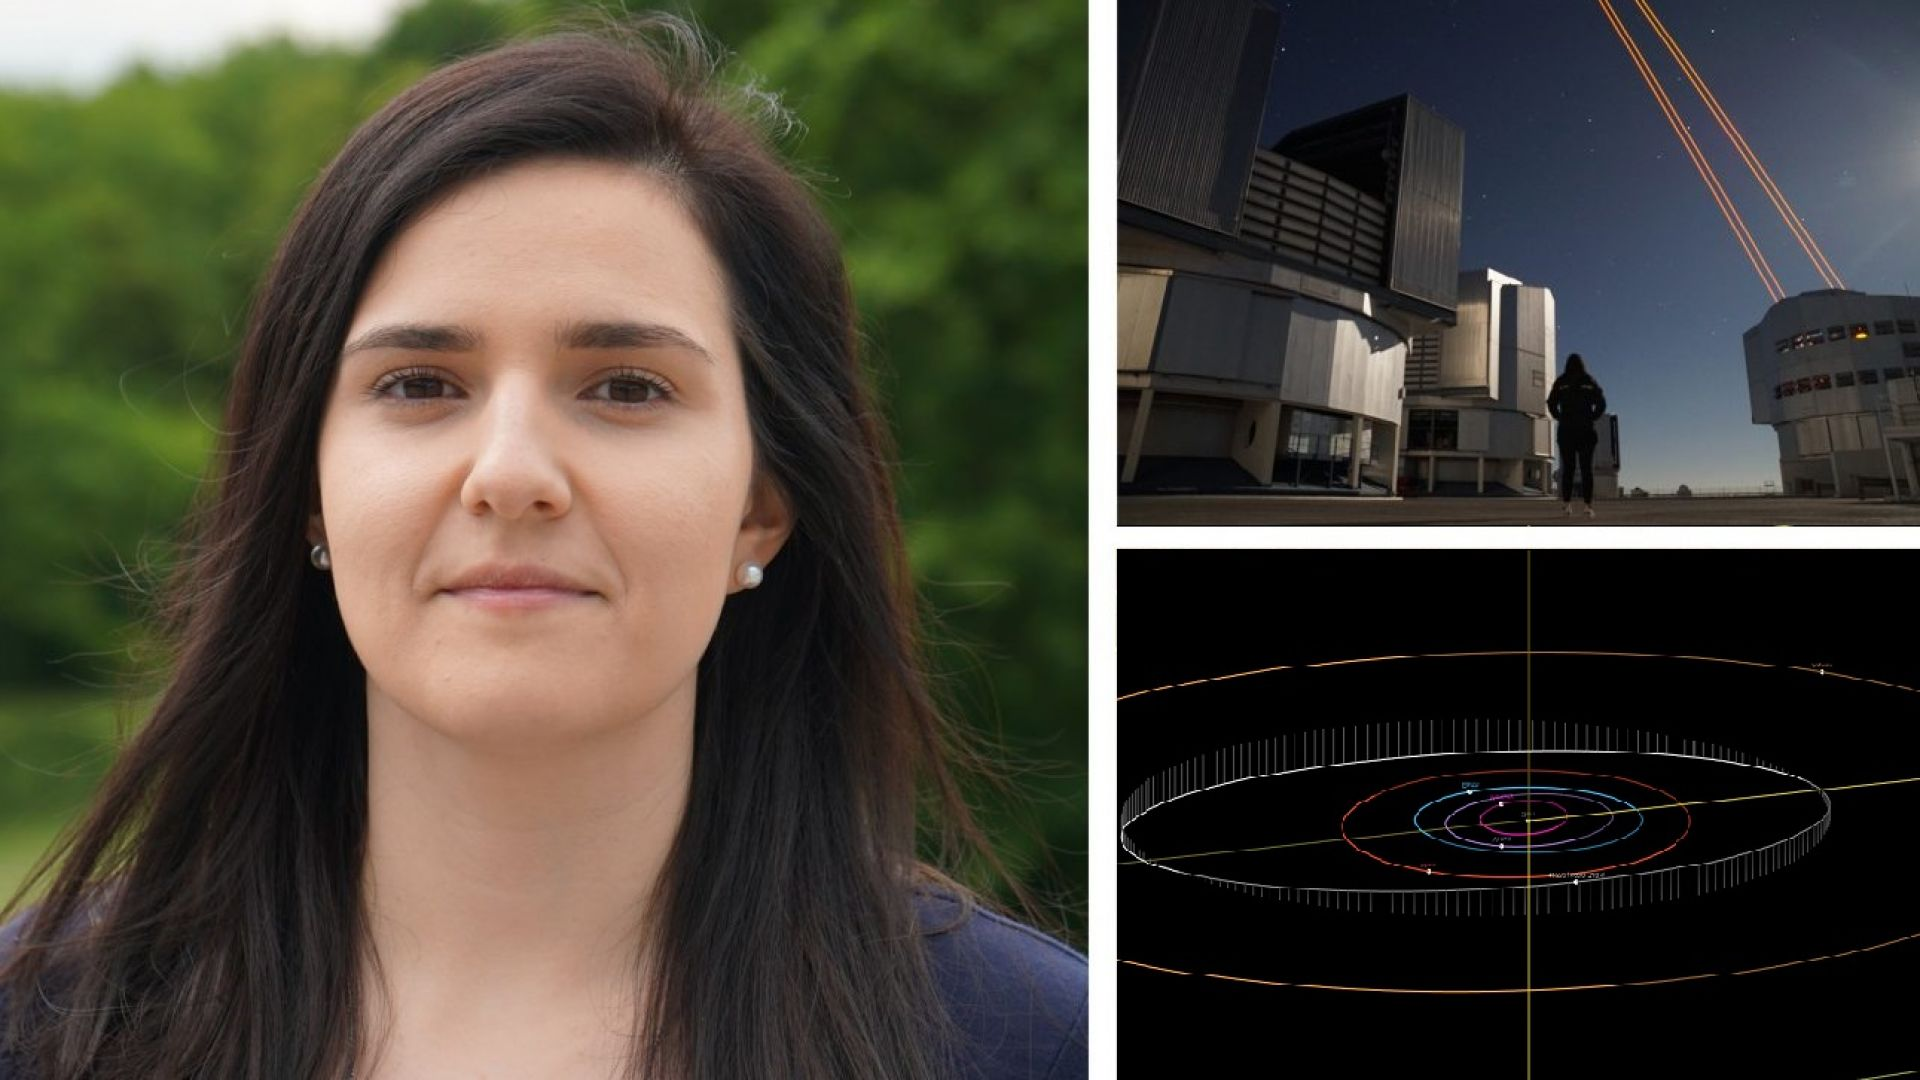 Тя е българка и отклонява астероиди: Росита Кокотанекова пред Dir.bg